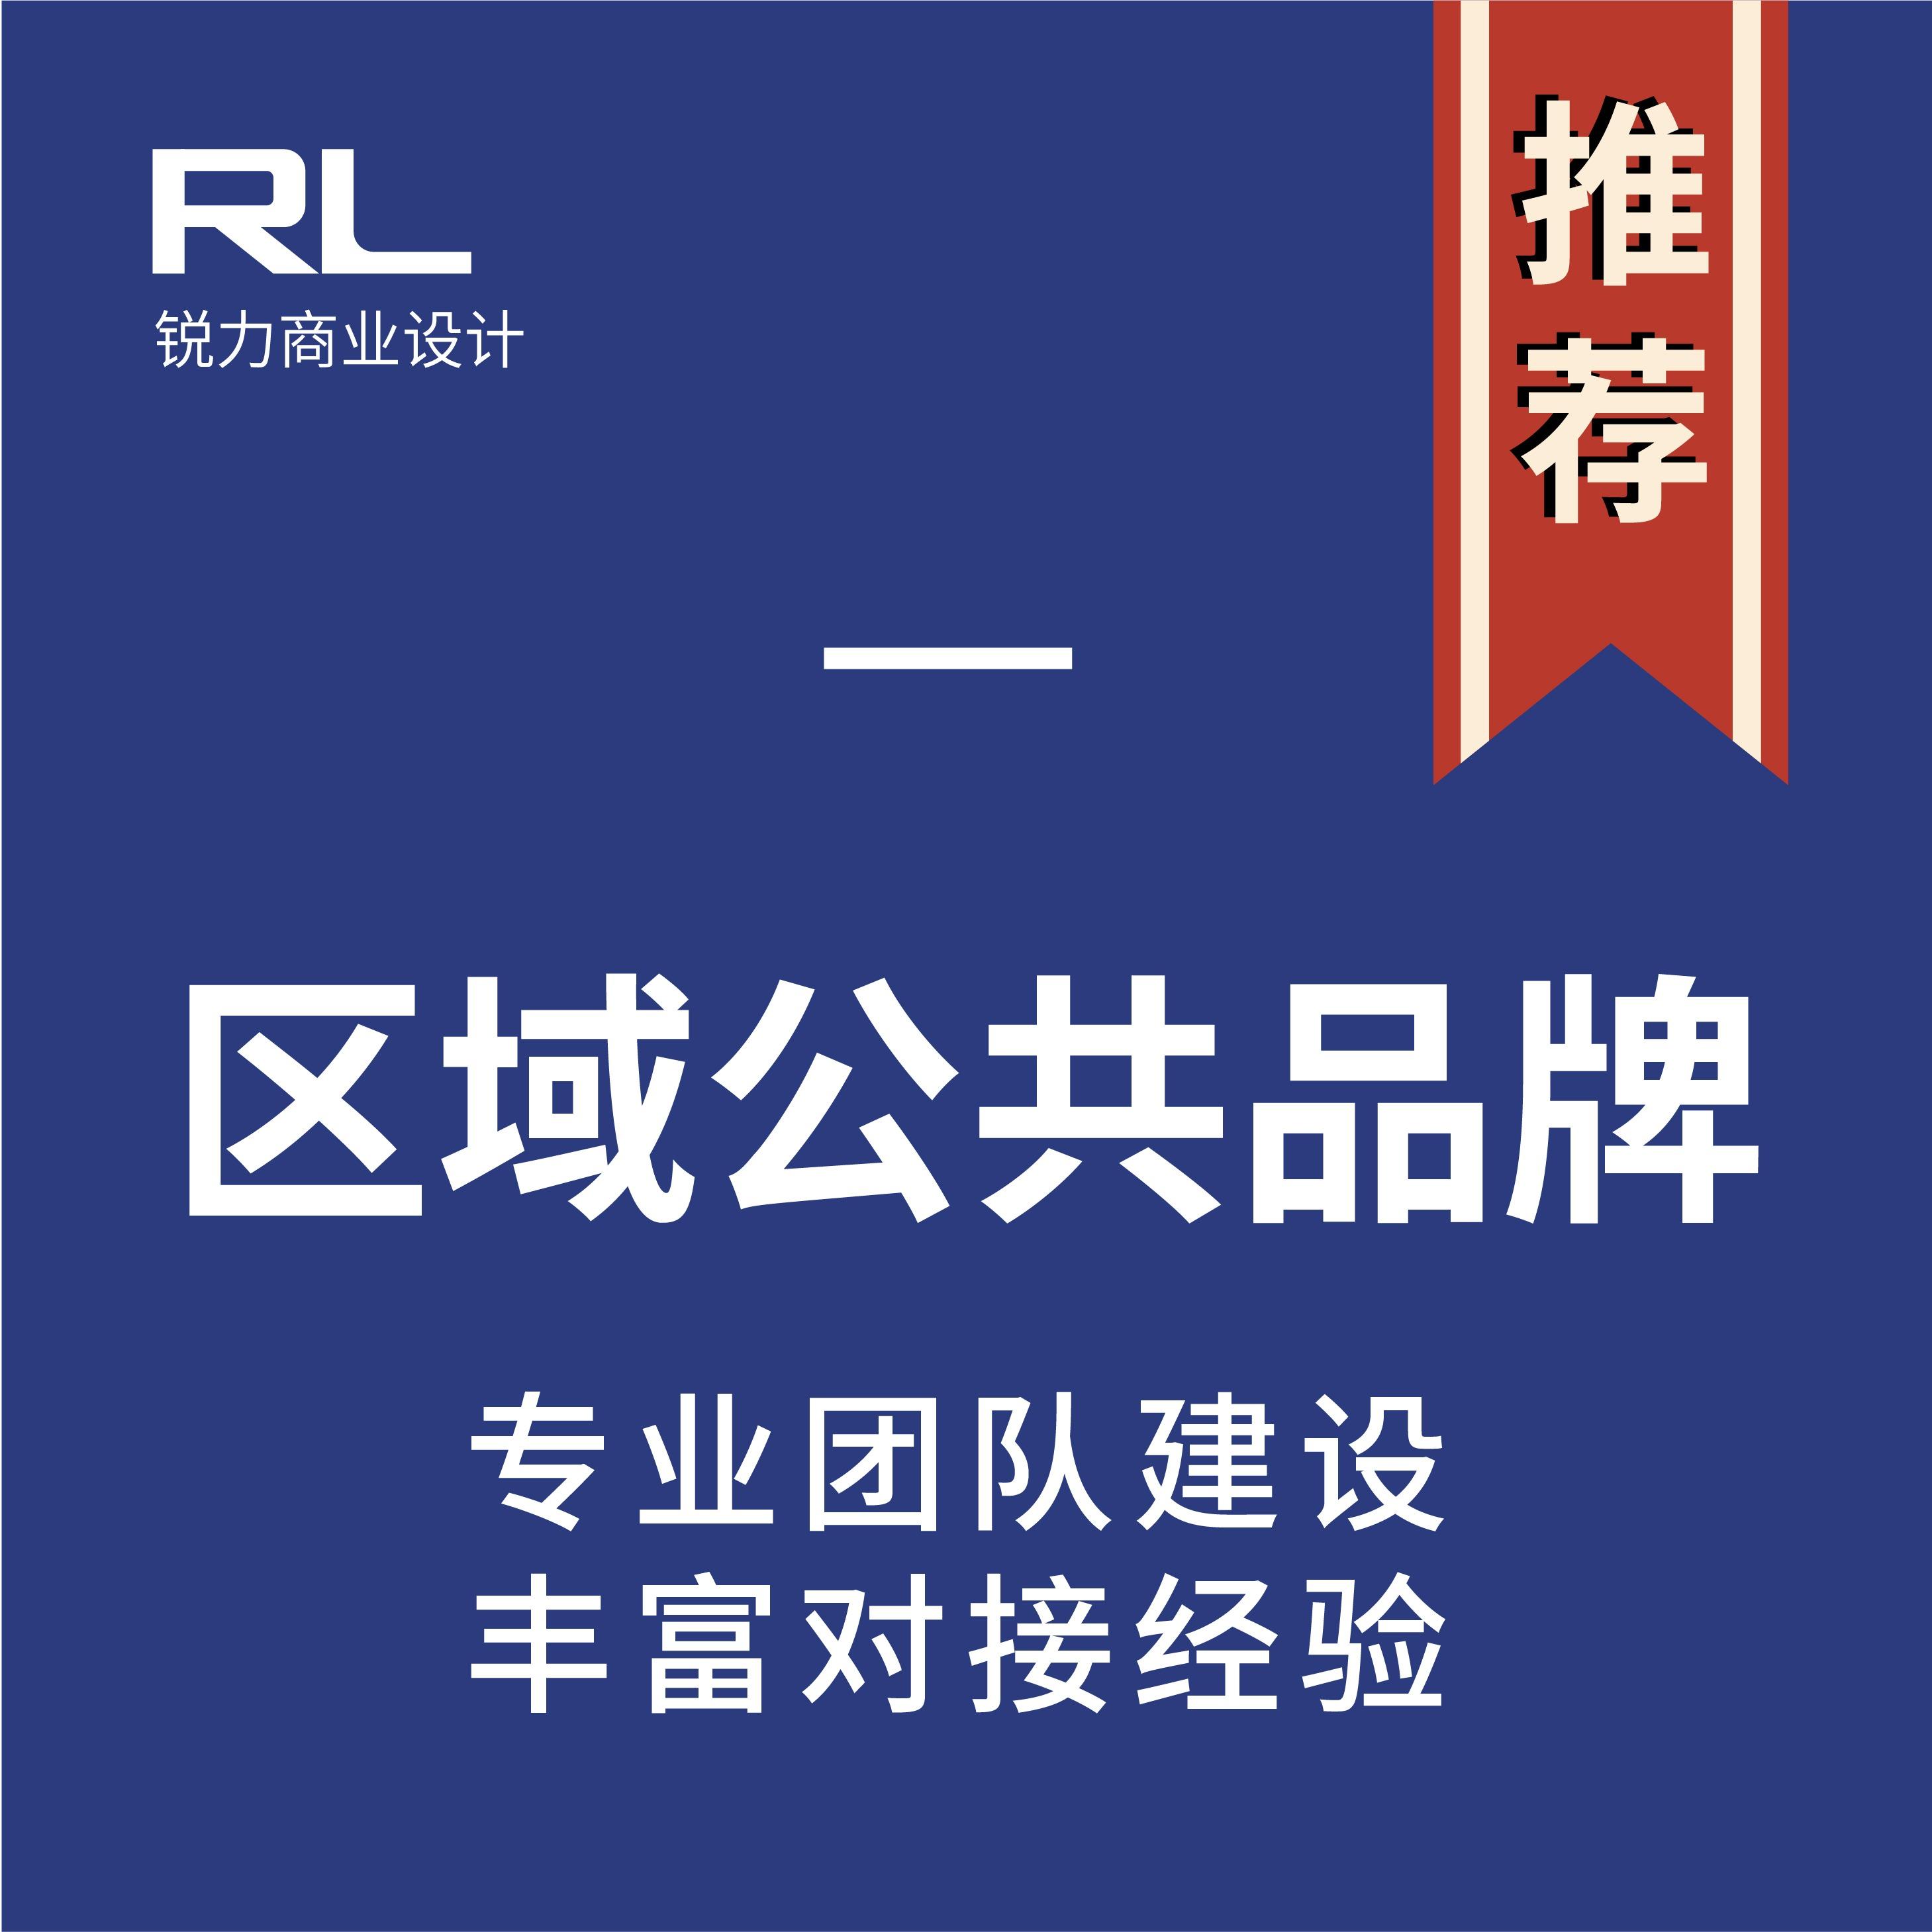 【区域公共品牌】县域公共品牌设计区域品牌策划全域公共品牌形象